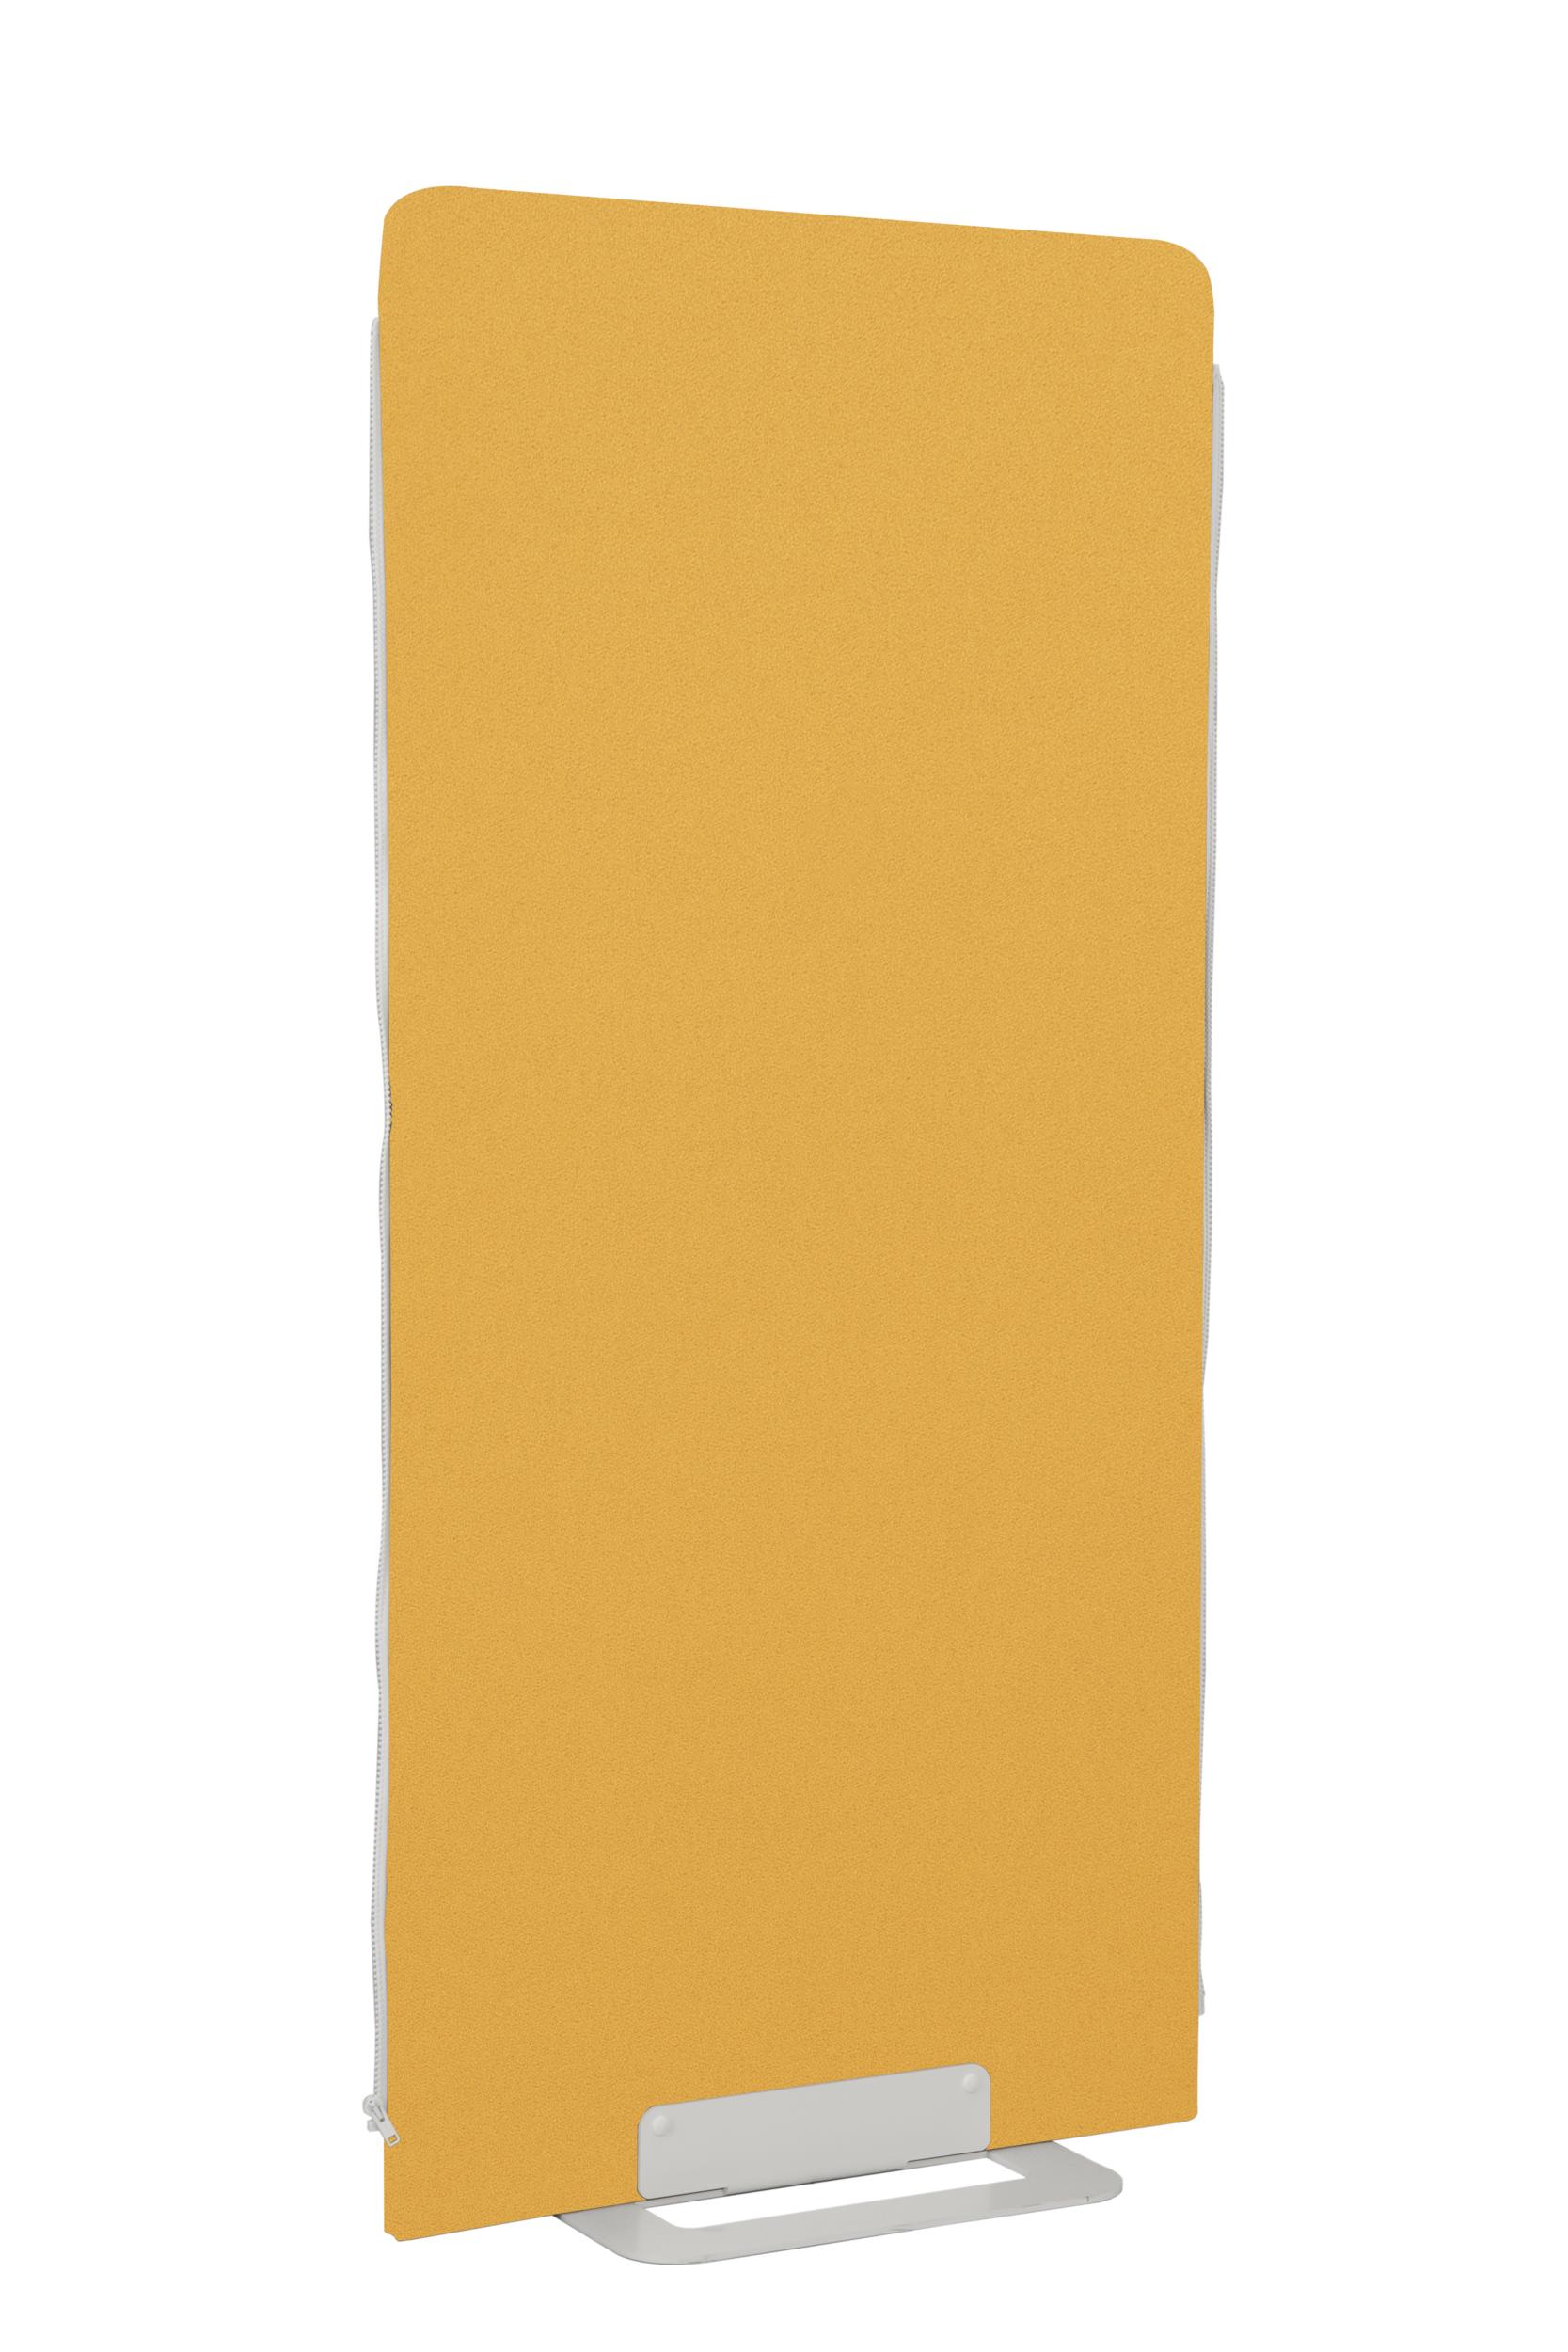 CLOISON HAUTE LARGEUR 80CM MANDARINE